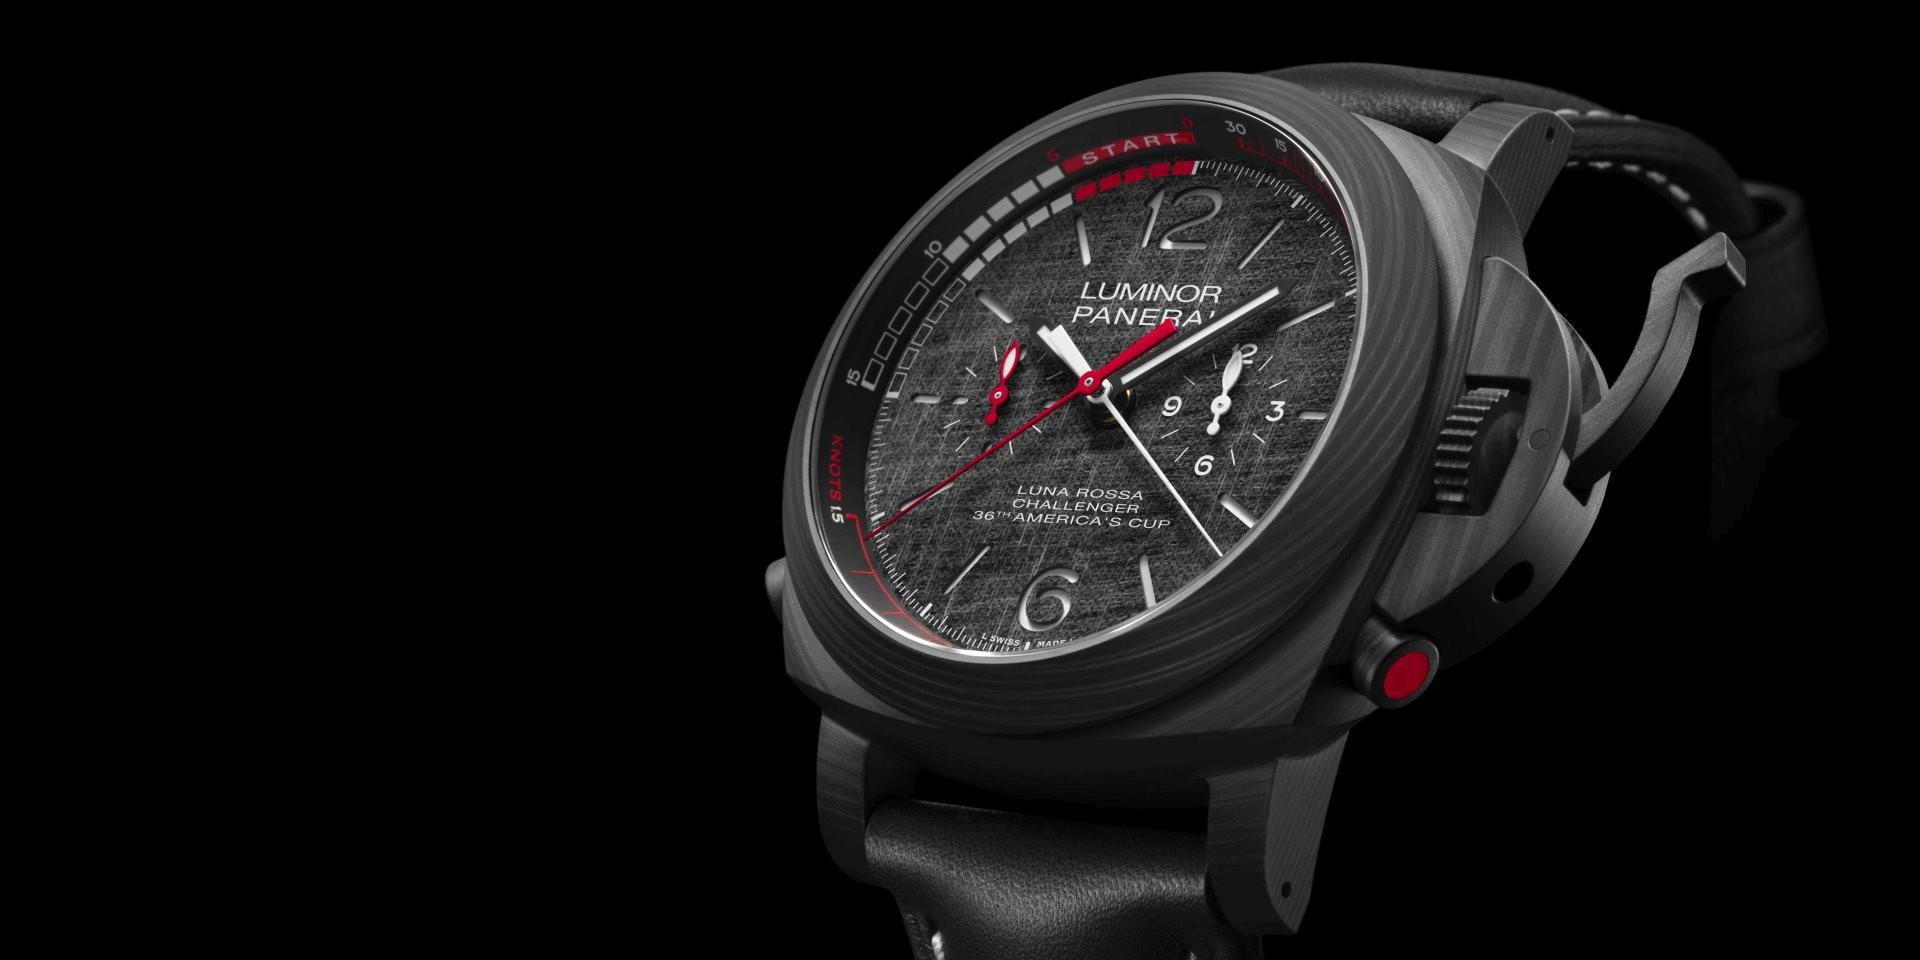 個性鮮明獨特:沛納海發表Luminor Luna Rossa系列GMT、Chrono Flyabck及Regatta等三款全新腕錶